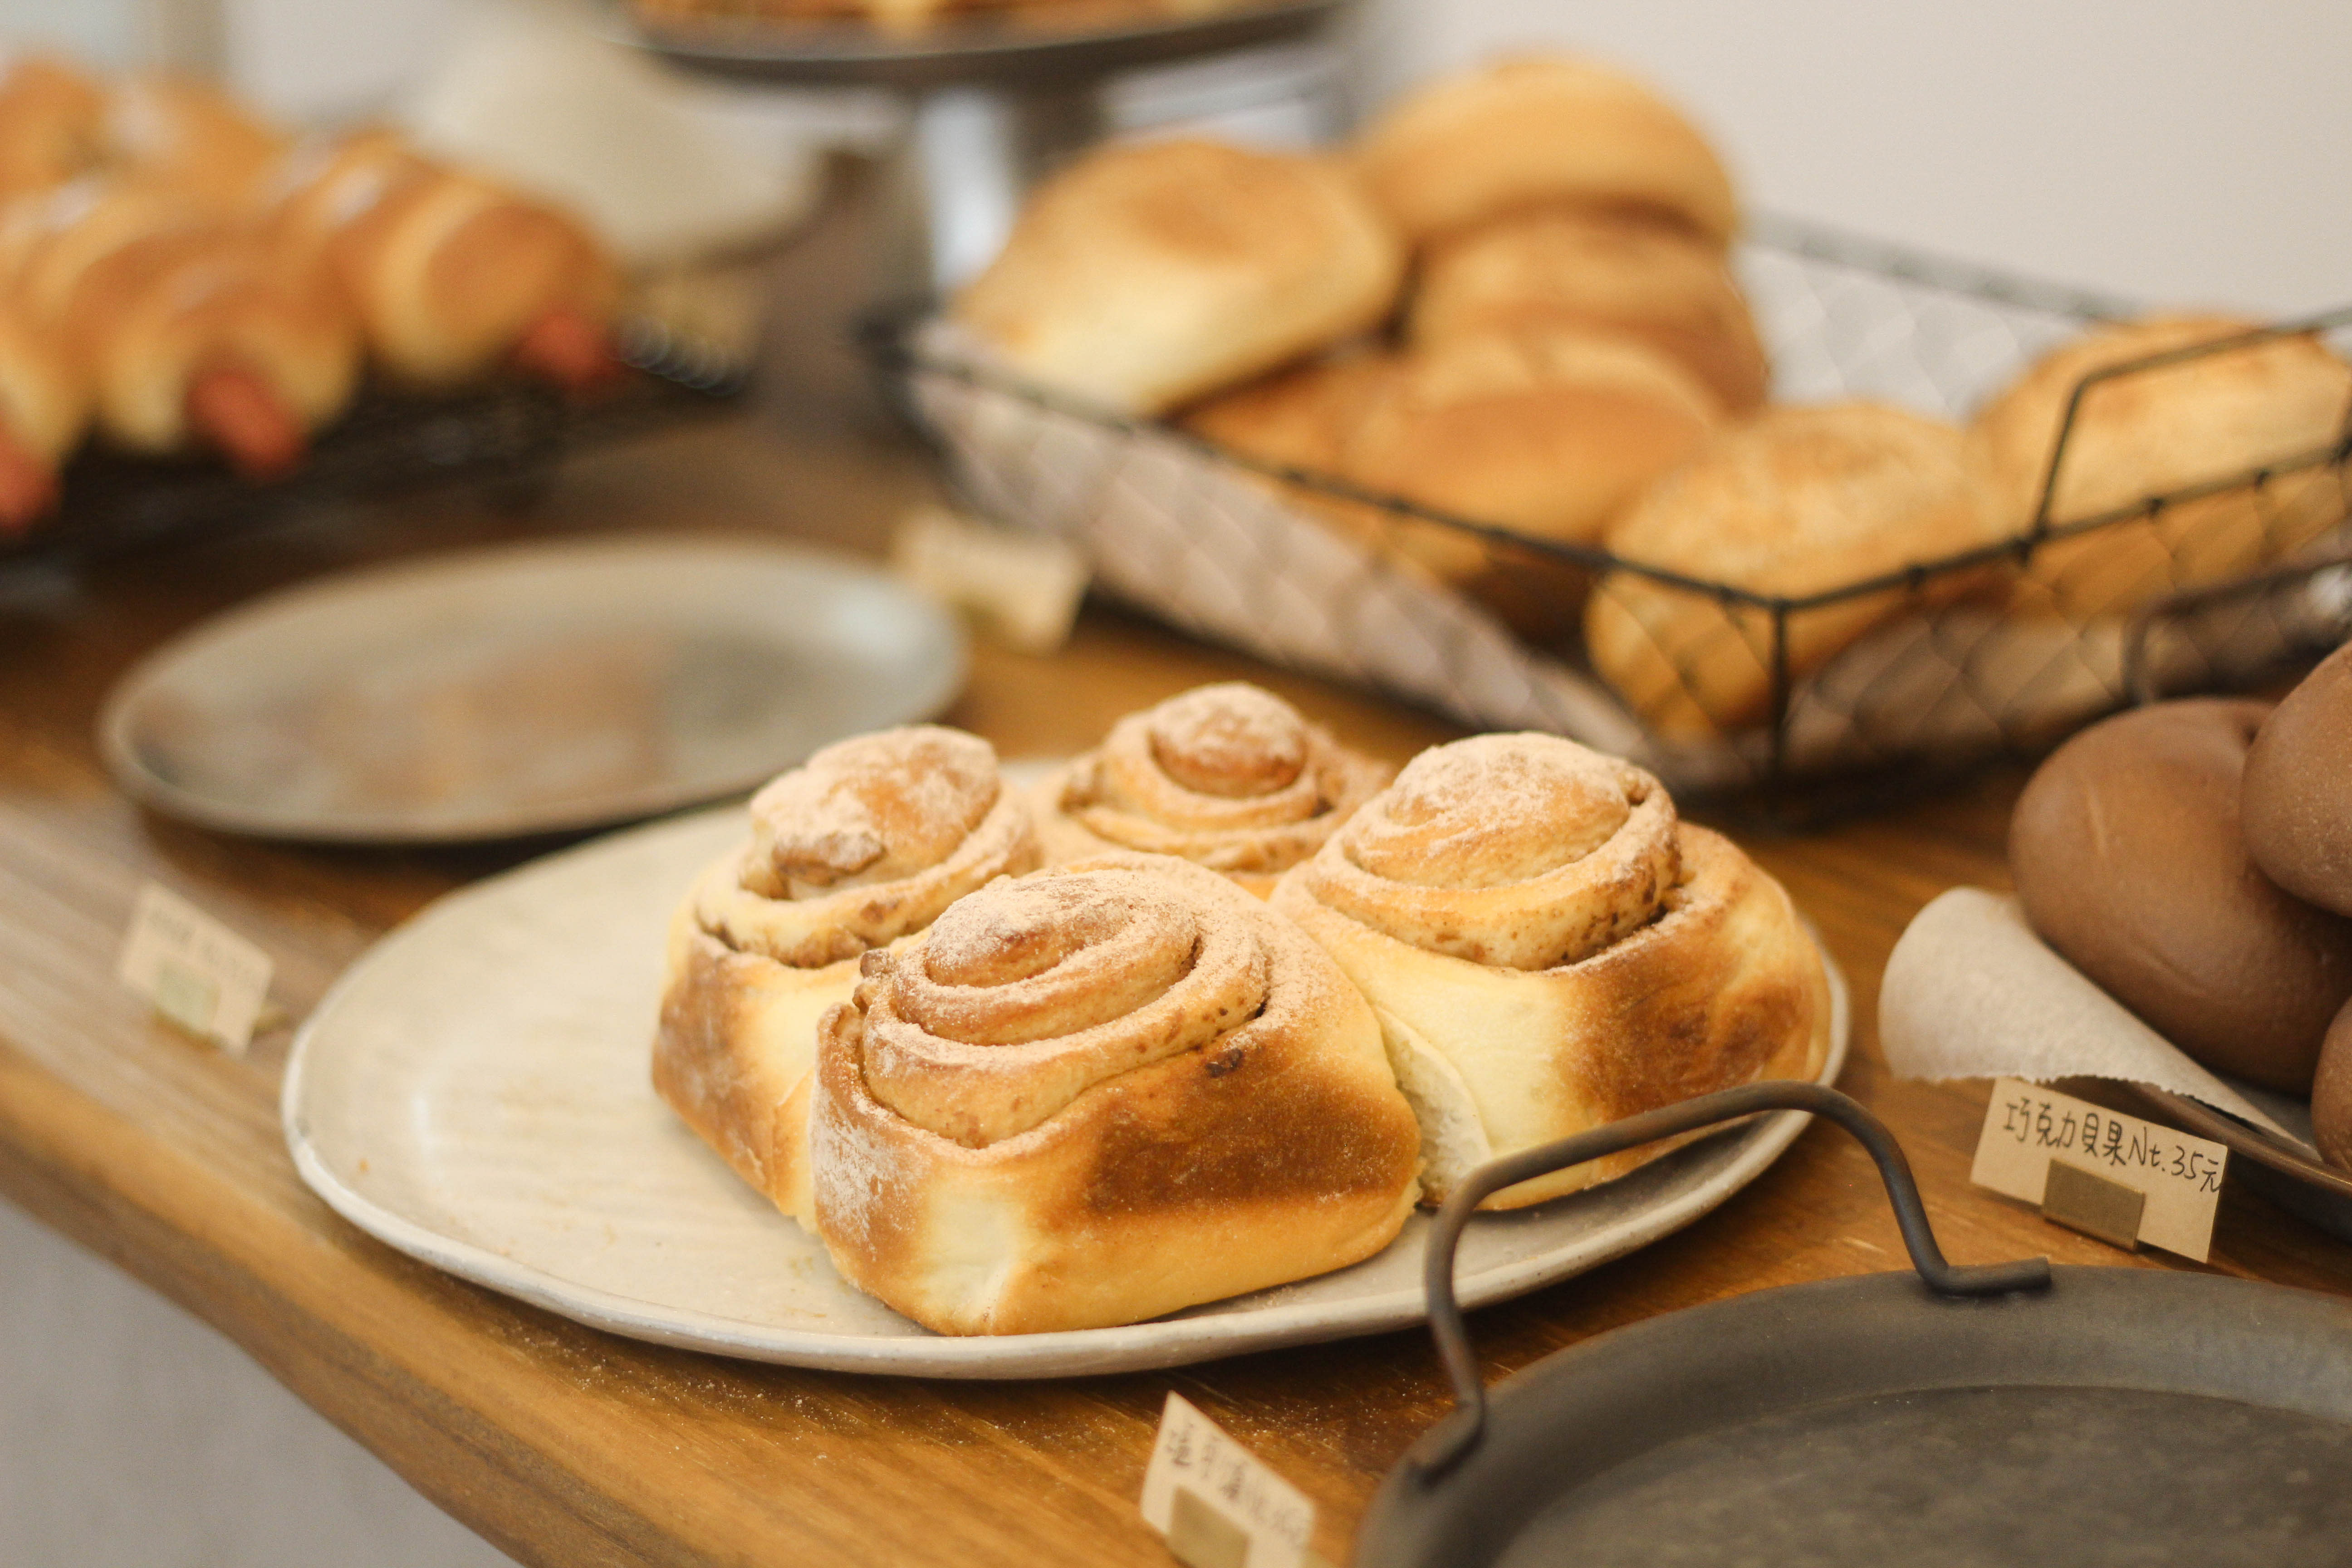 覓Man_made麵包店,看起來就好美味啊!